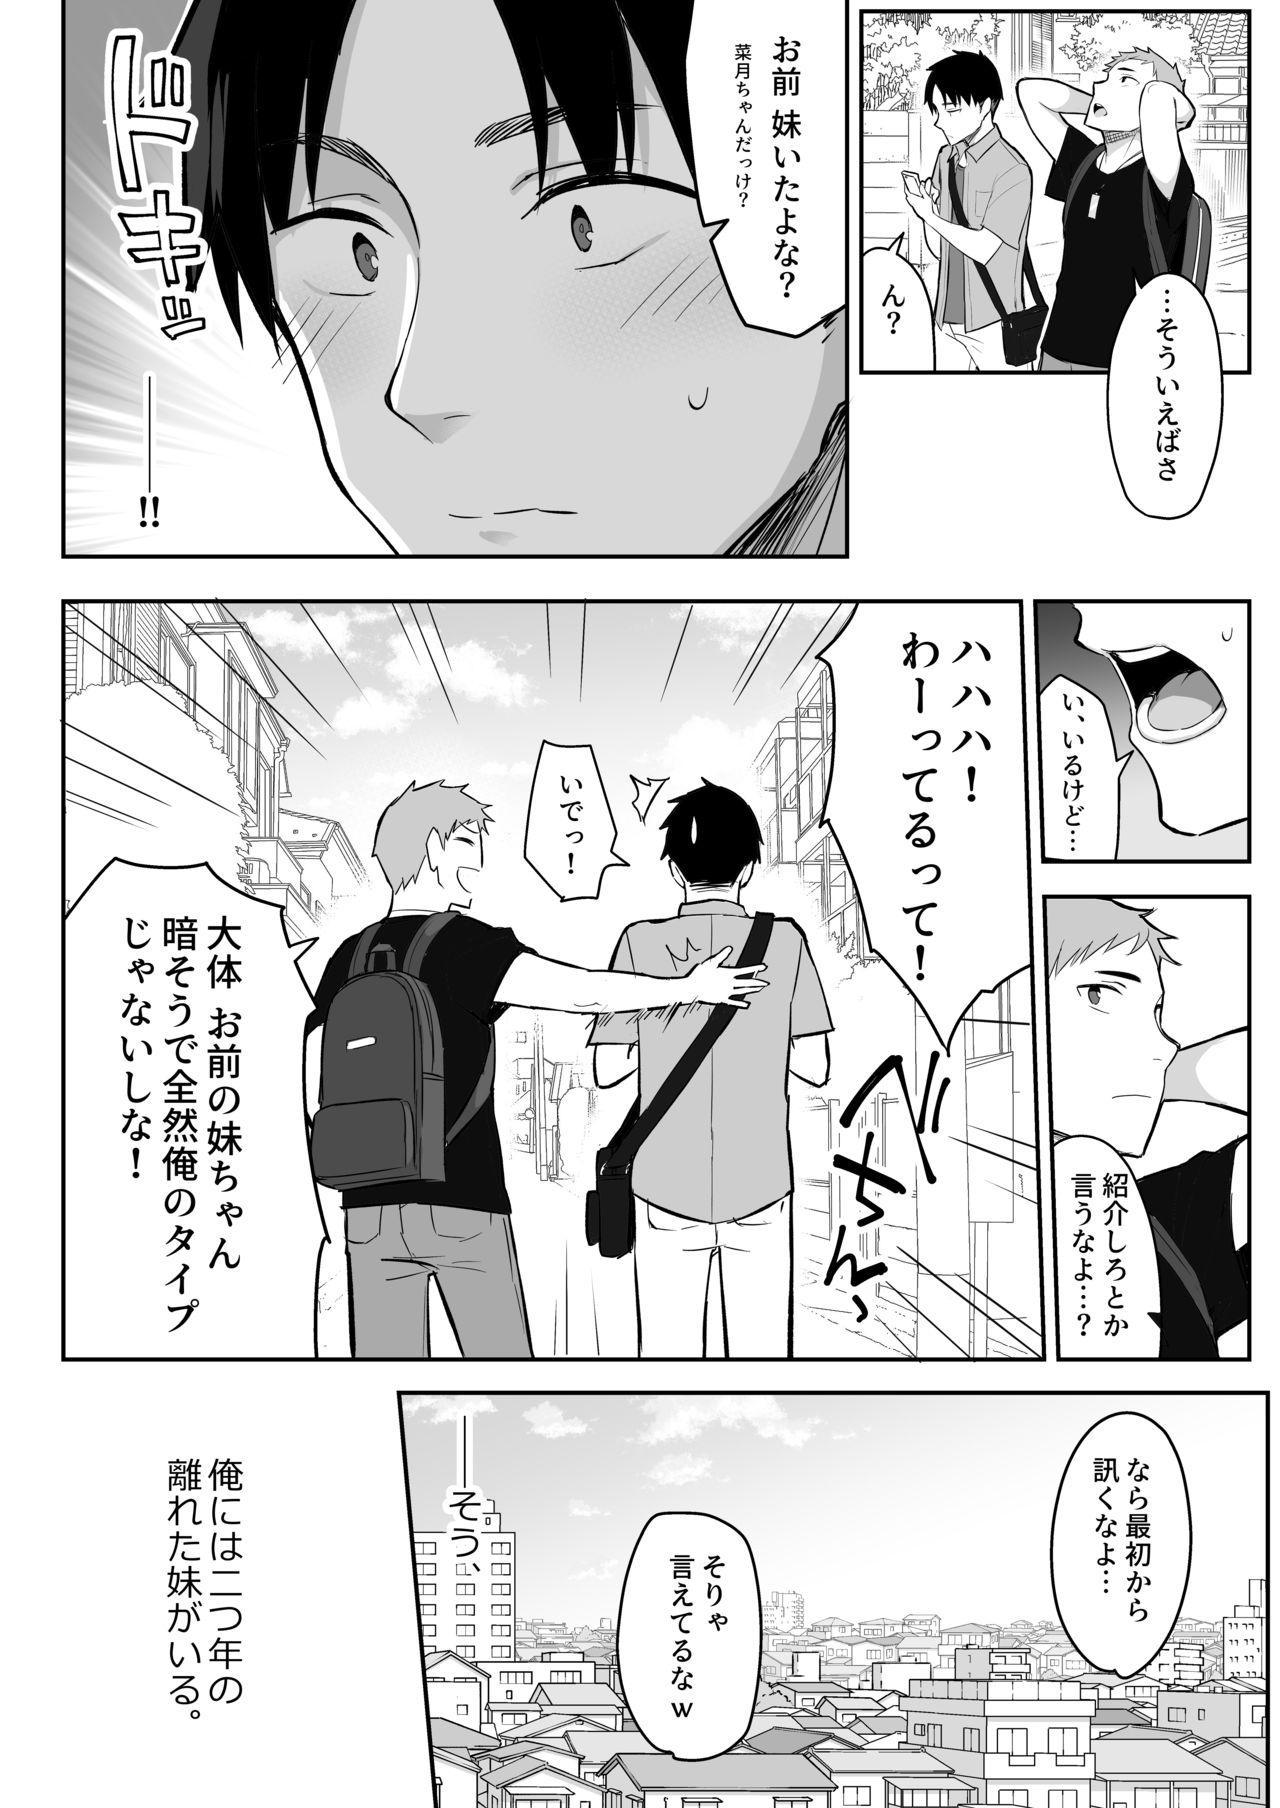 Moto InCha no Kyonyuu Yariman Imouto ga Erosugite, Onii-chan wa Mou...!! 2